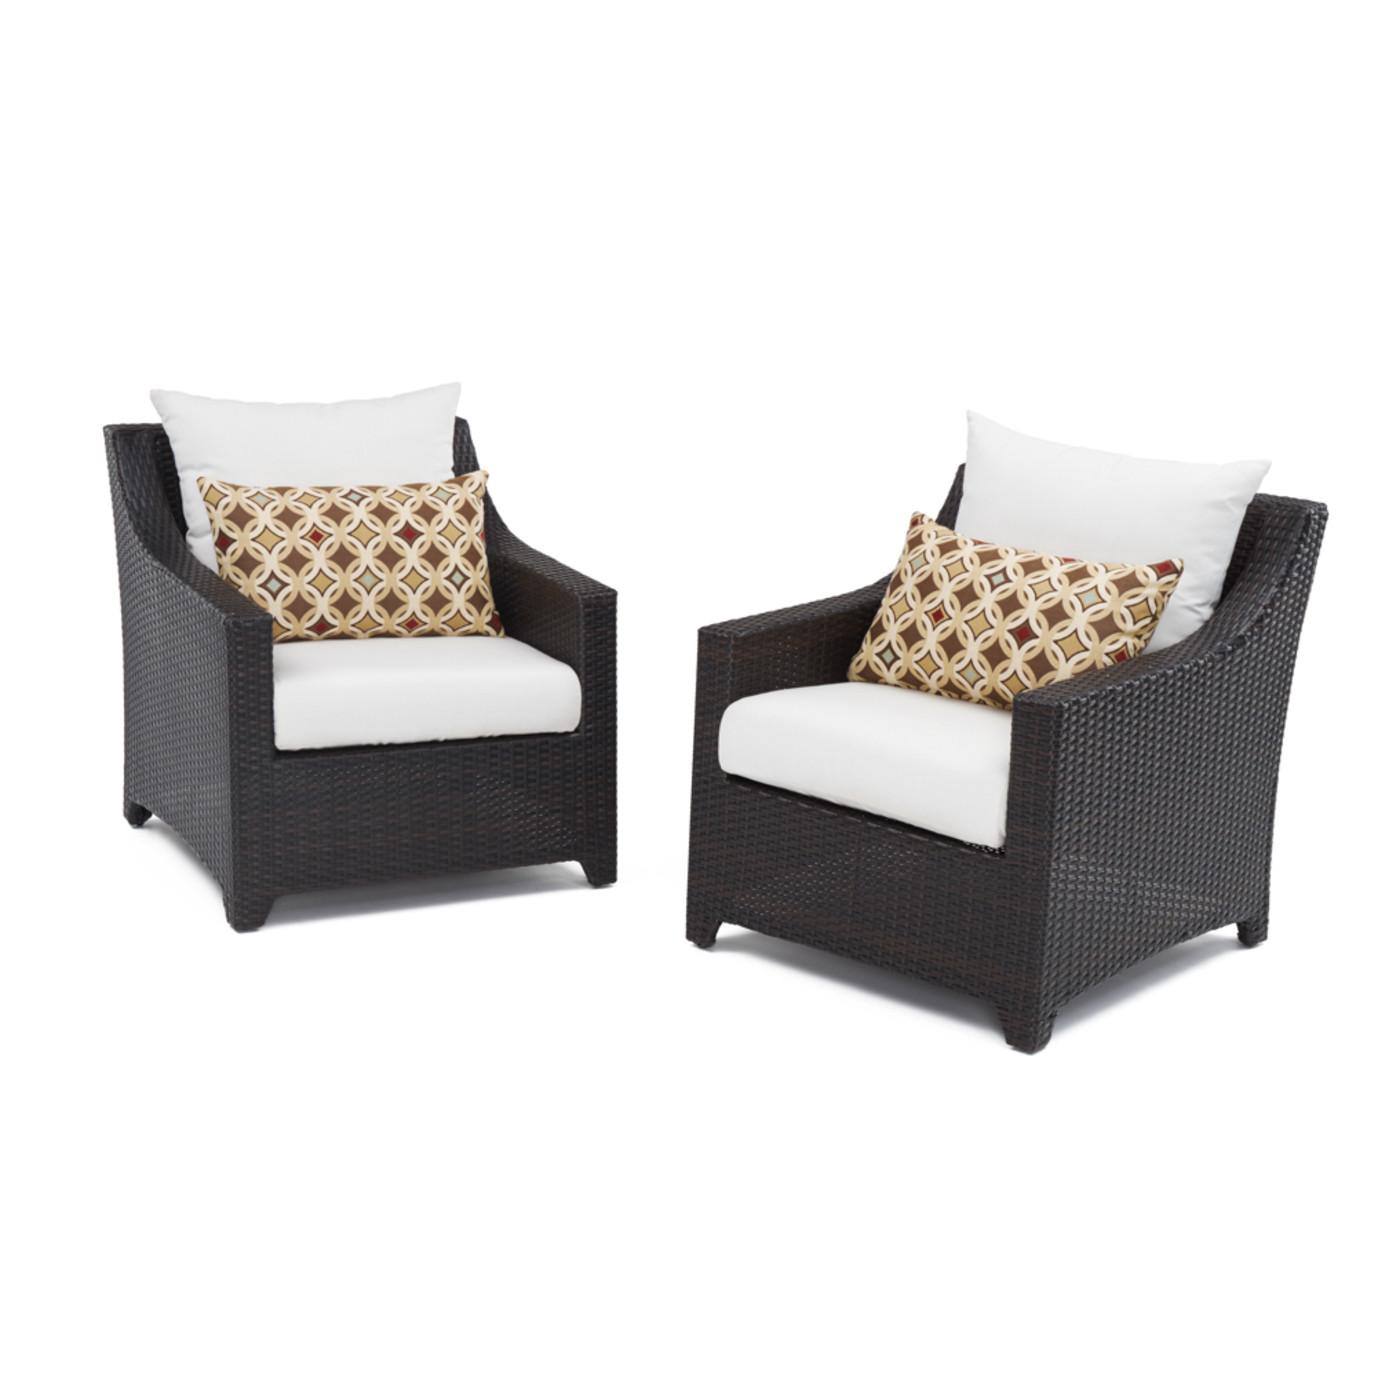 Deco™ Club Chairs - Moroccan Cream